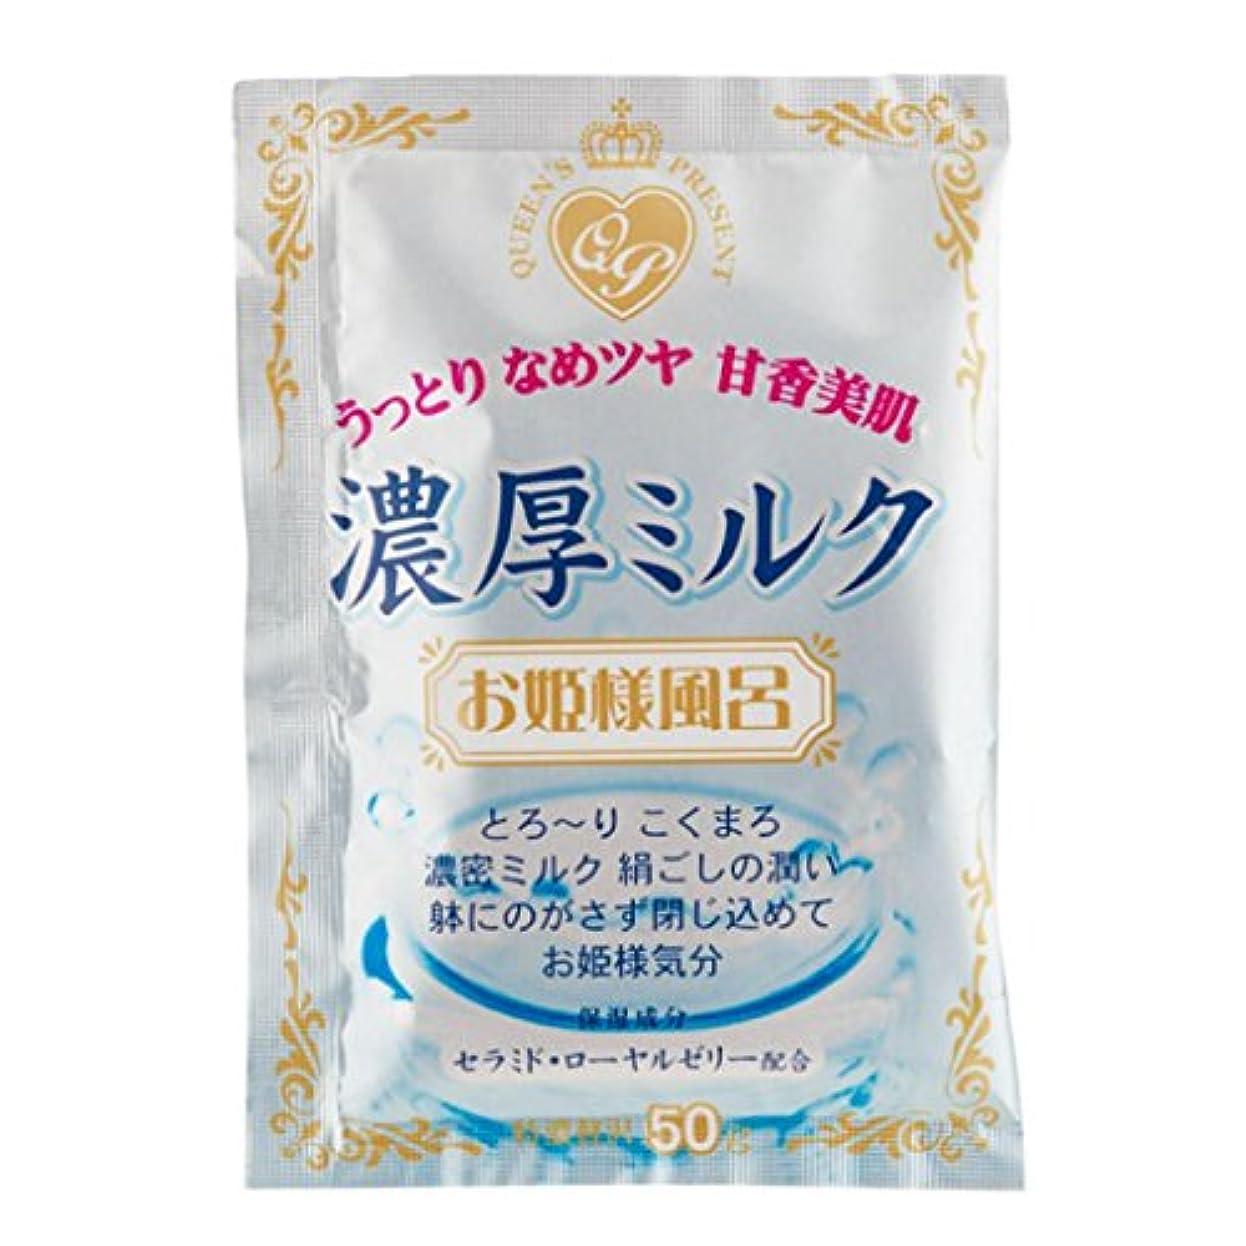 スープ追う避難紀陽除虫菊 お姫様風呂  濃厚ミルク【まとめ買い12個セット】 N-8160